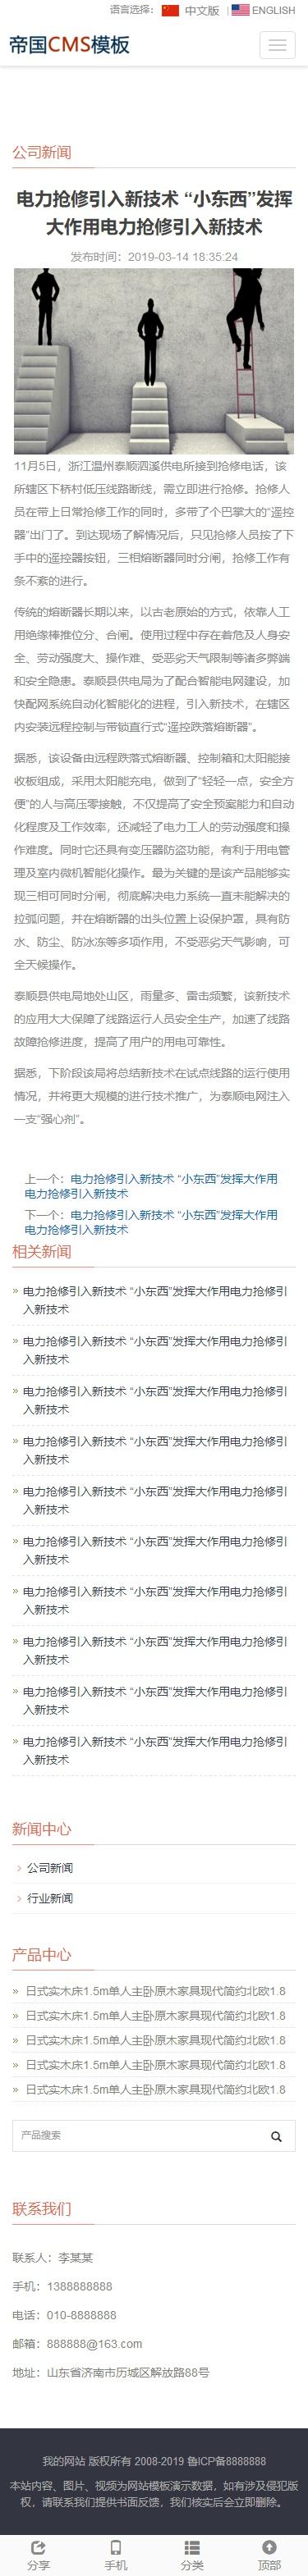 中英文双语自适应帝国cms企业网站模板外贸企业网站源码_手机版新闻内容页